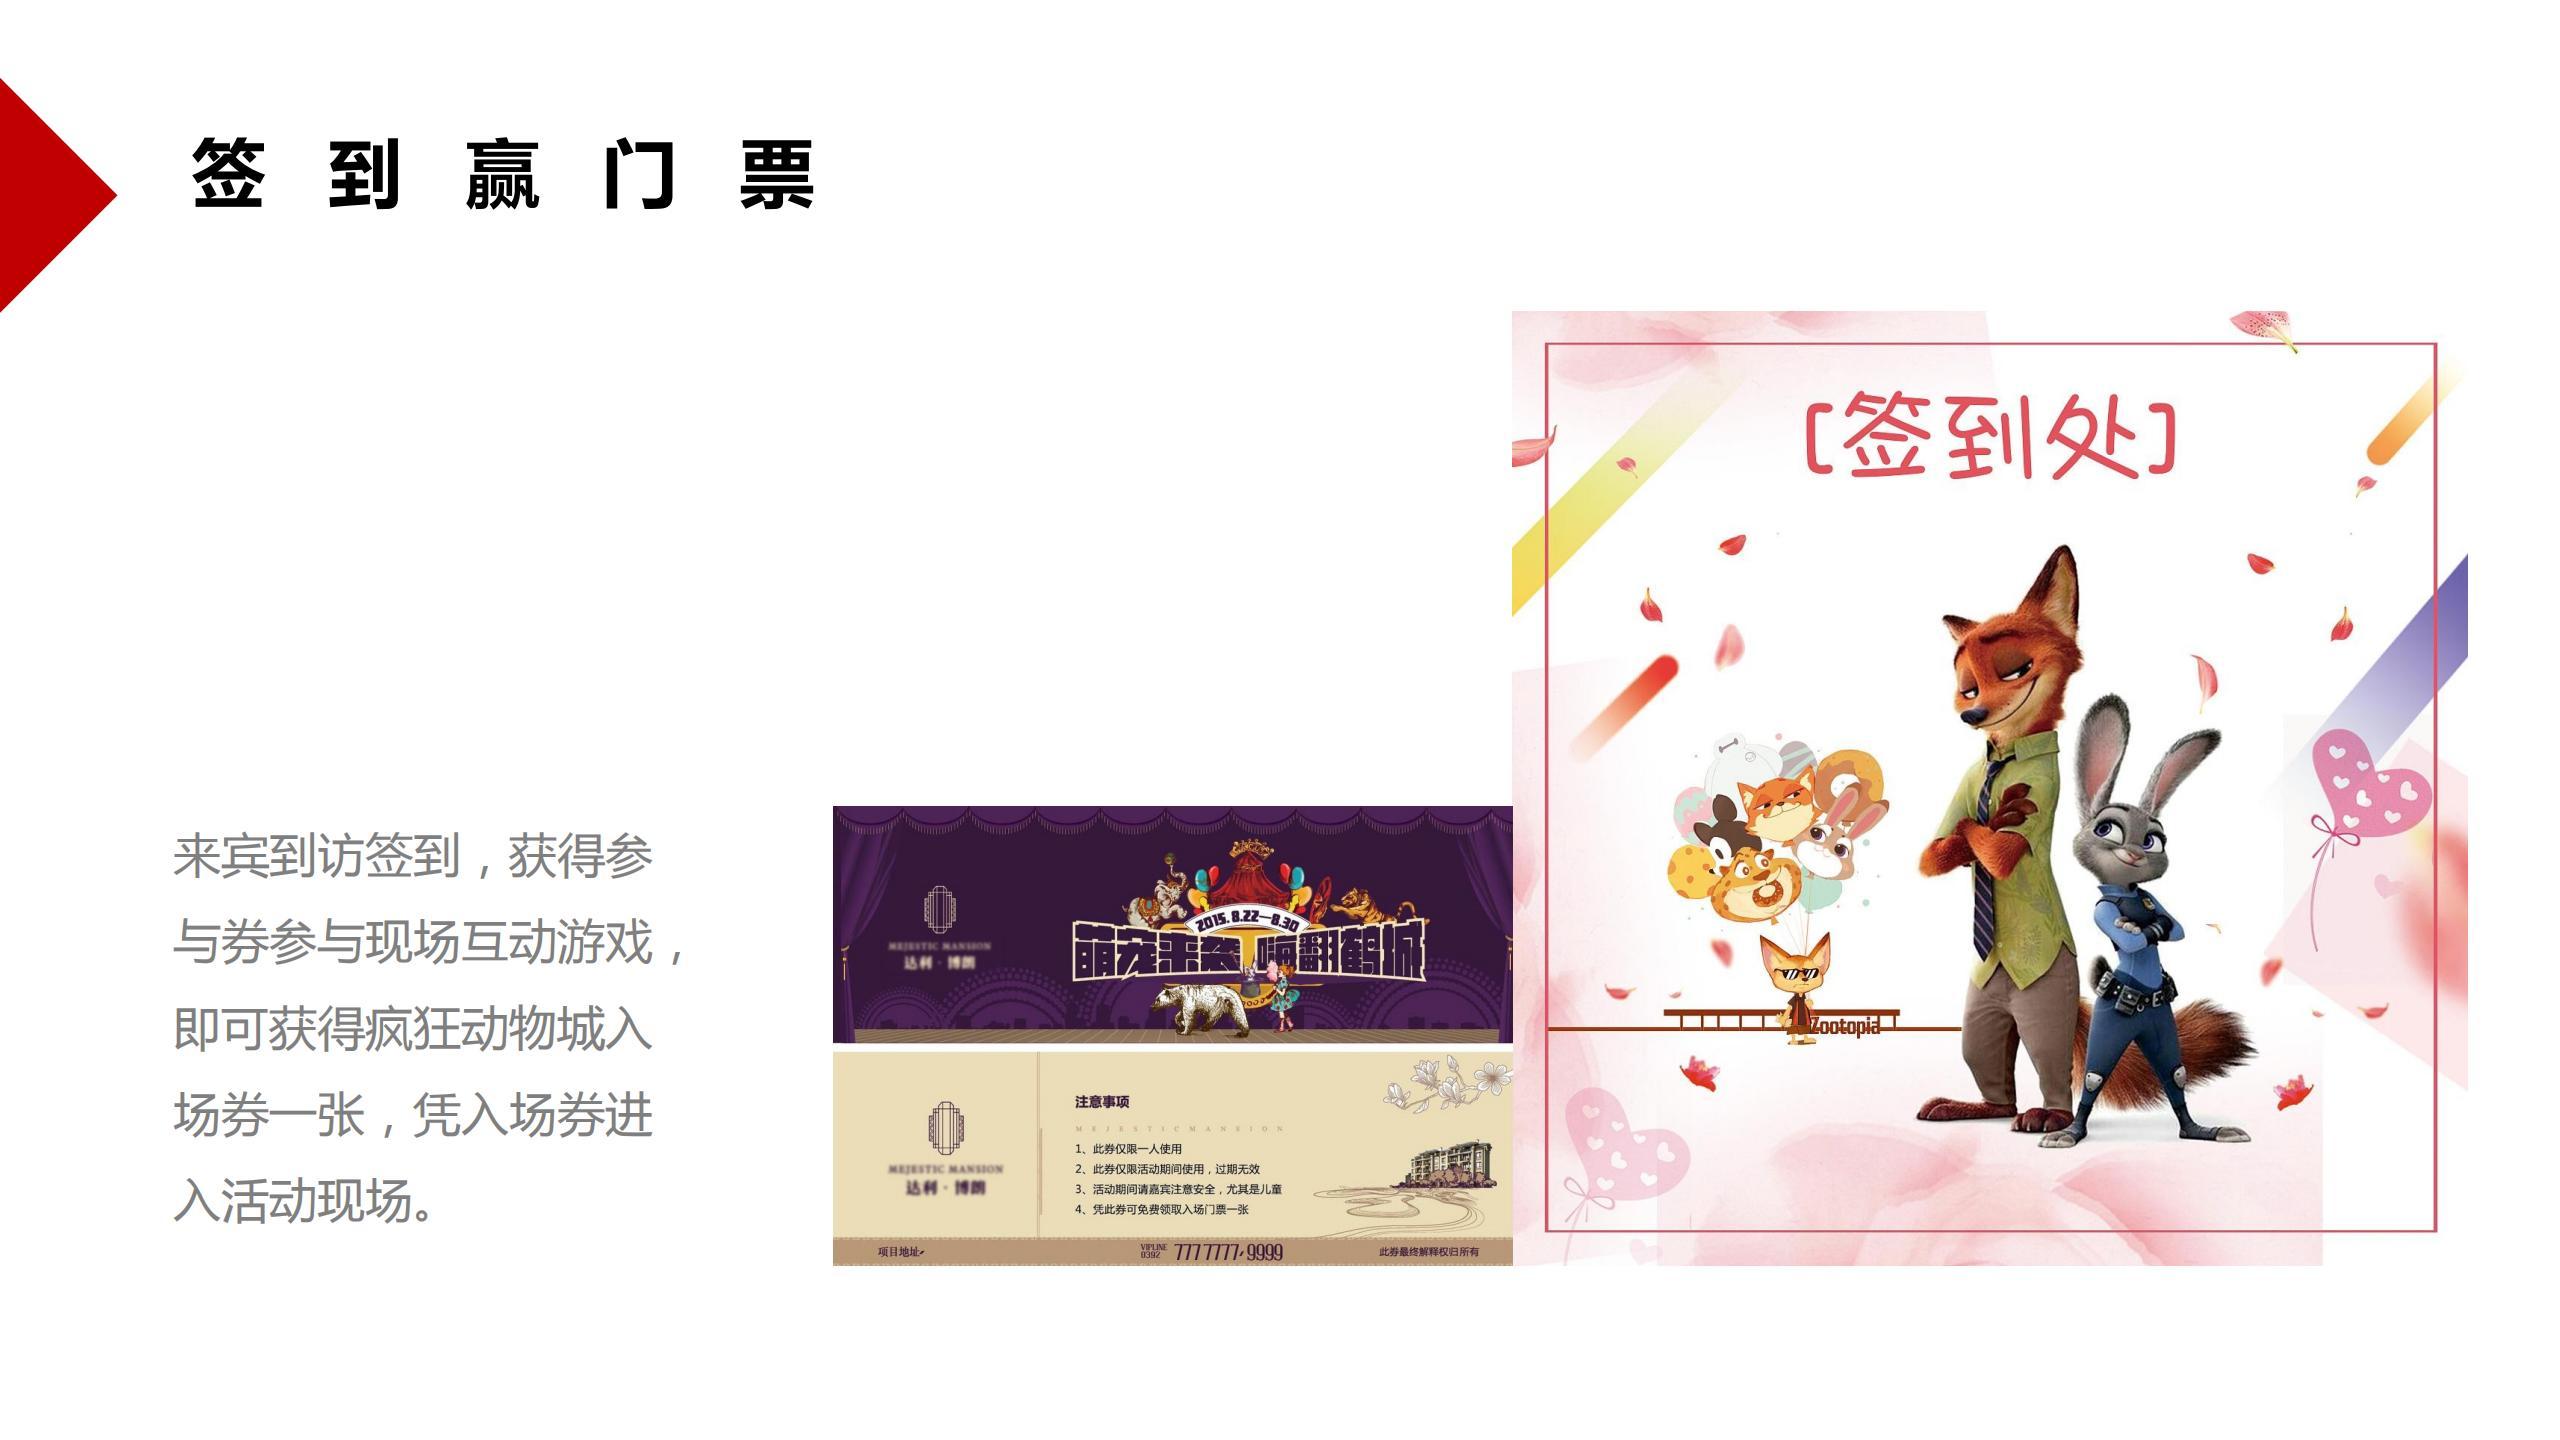 2019御景滨江五一劳动节活动方案,利用活动提升客户质量